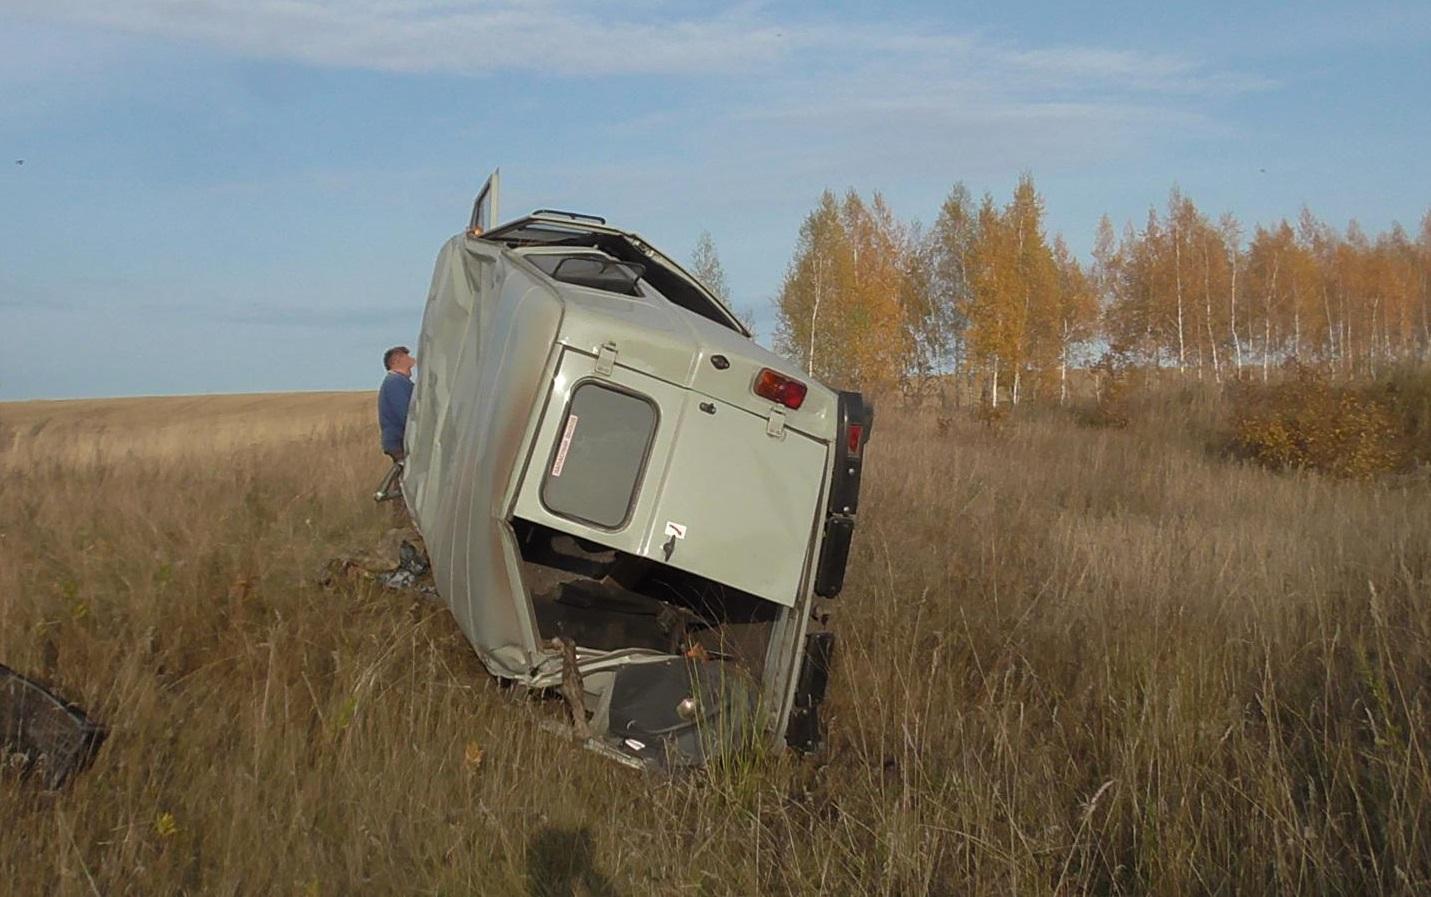 На трассе в Самарской области перевернулся УАЗ. Водитель погиб